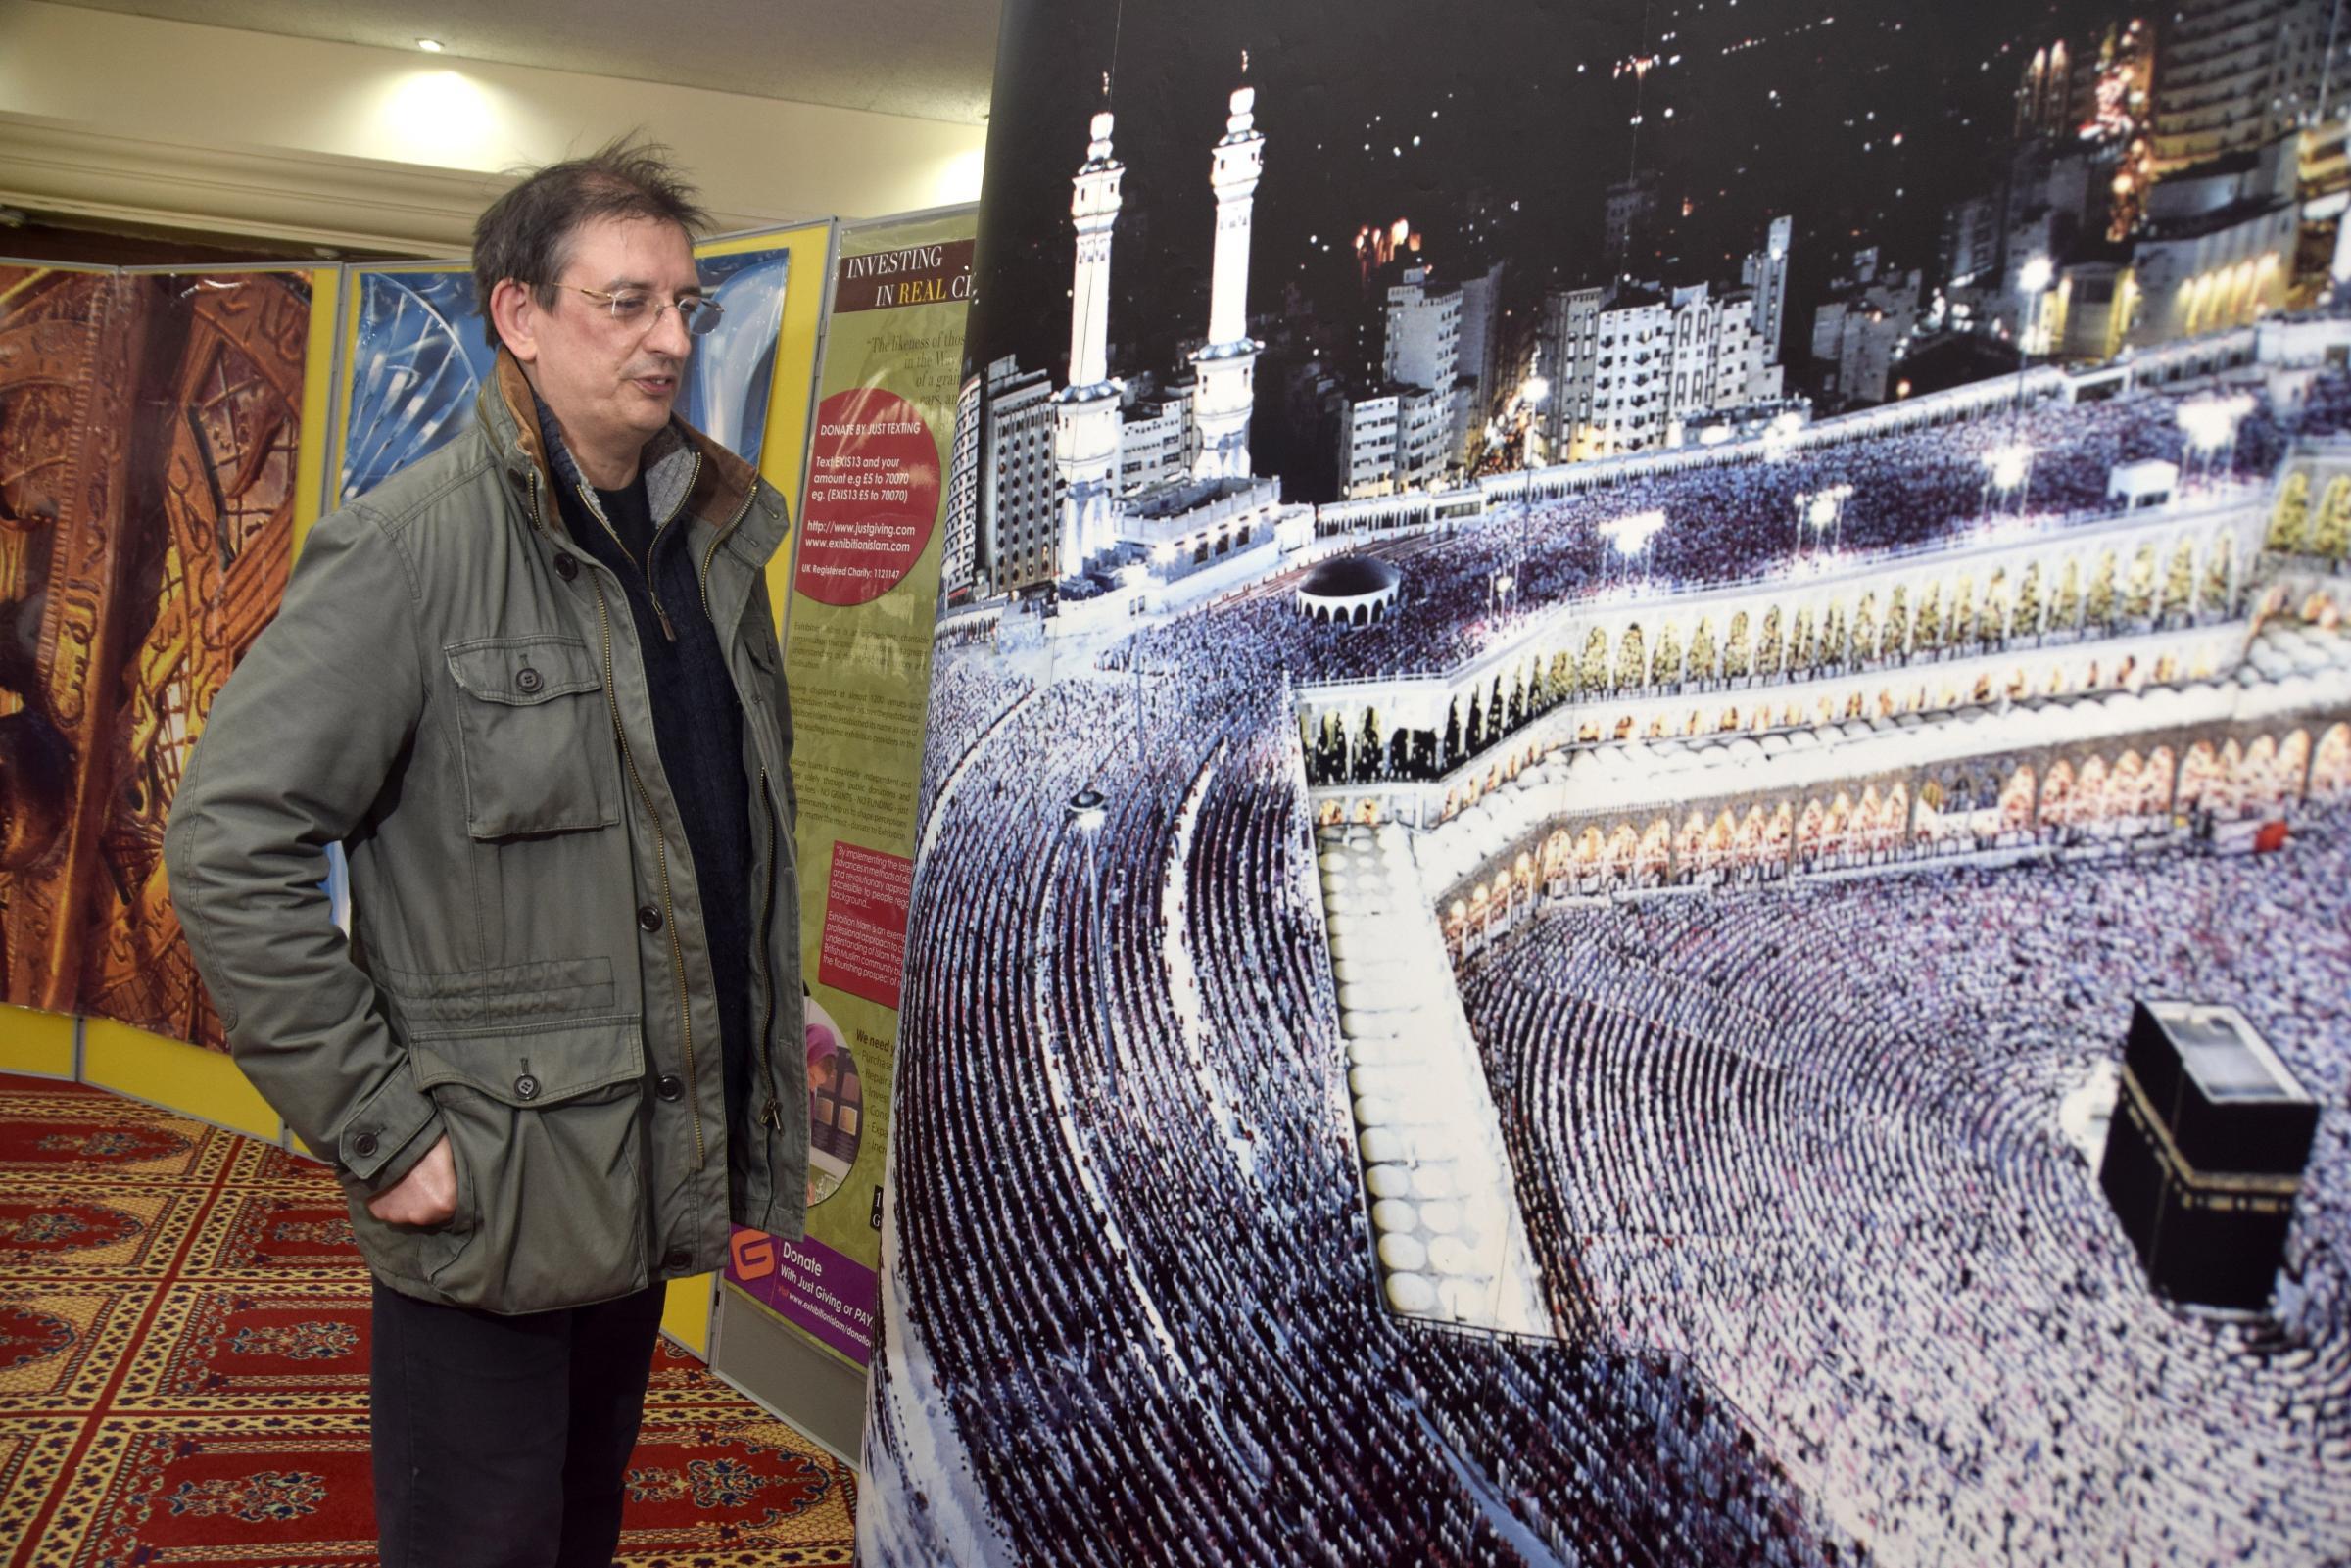 Сотни людей пришли на день открытых дверей в Мечеть Уимблдон Парка